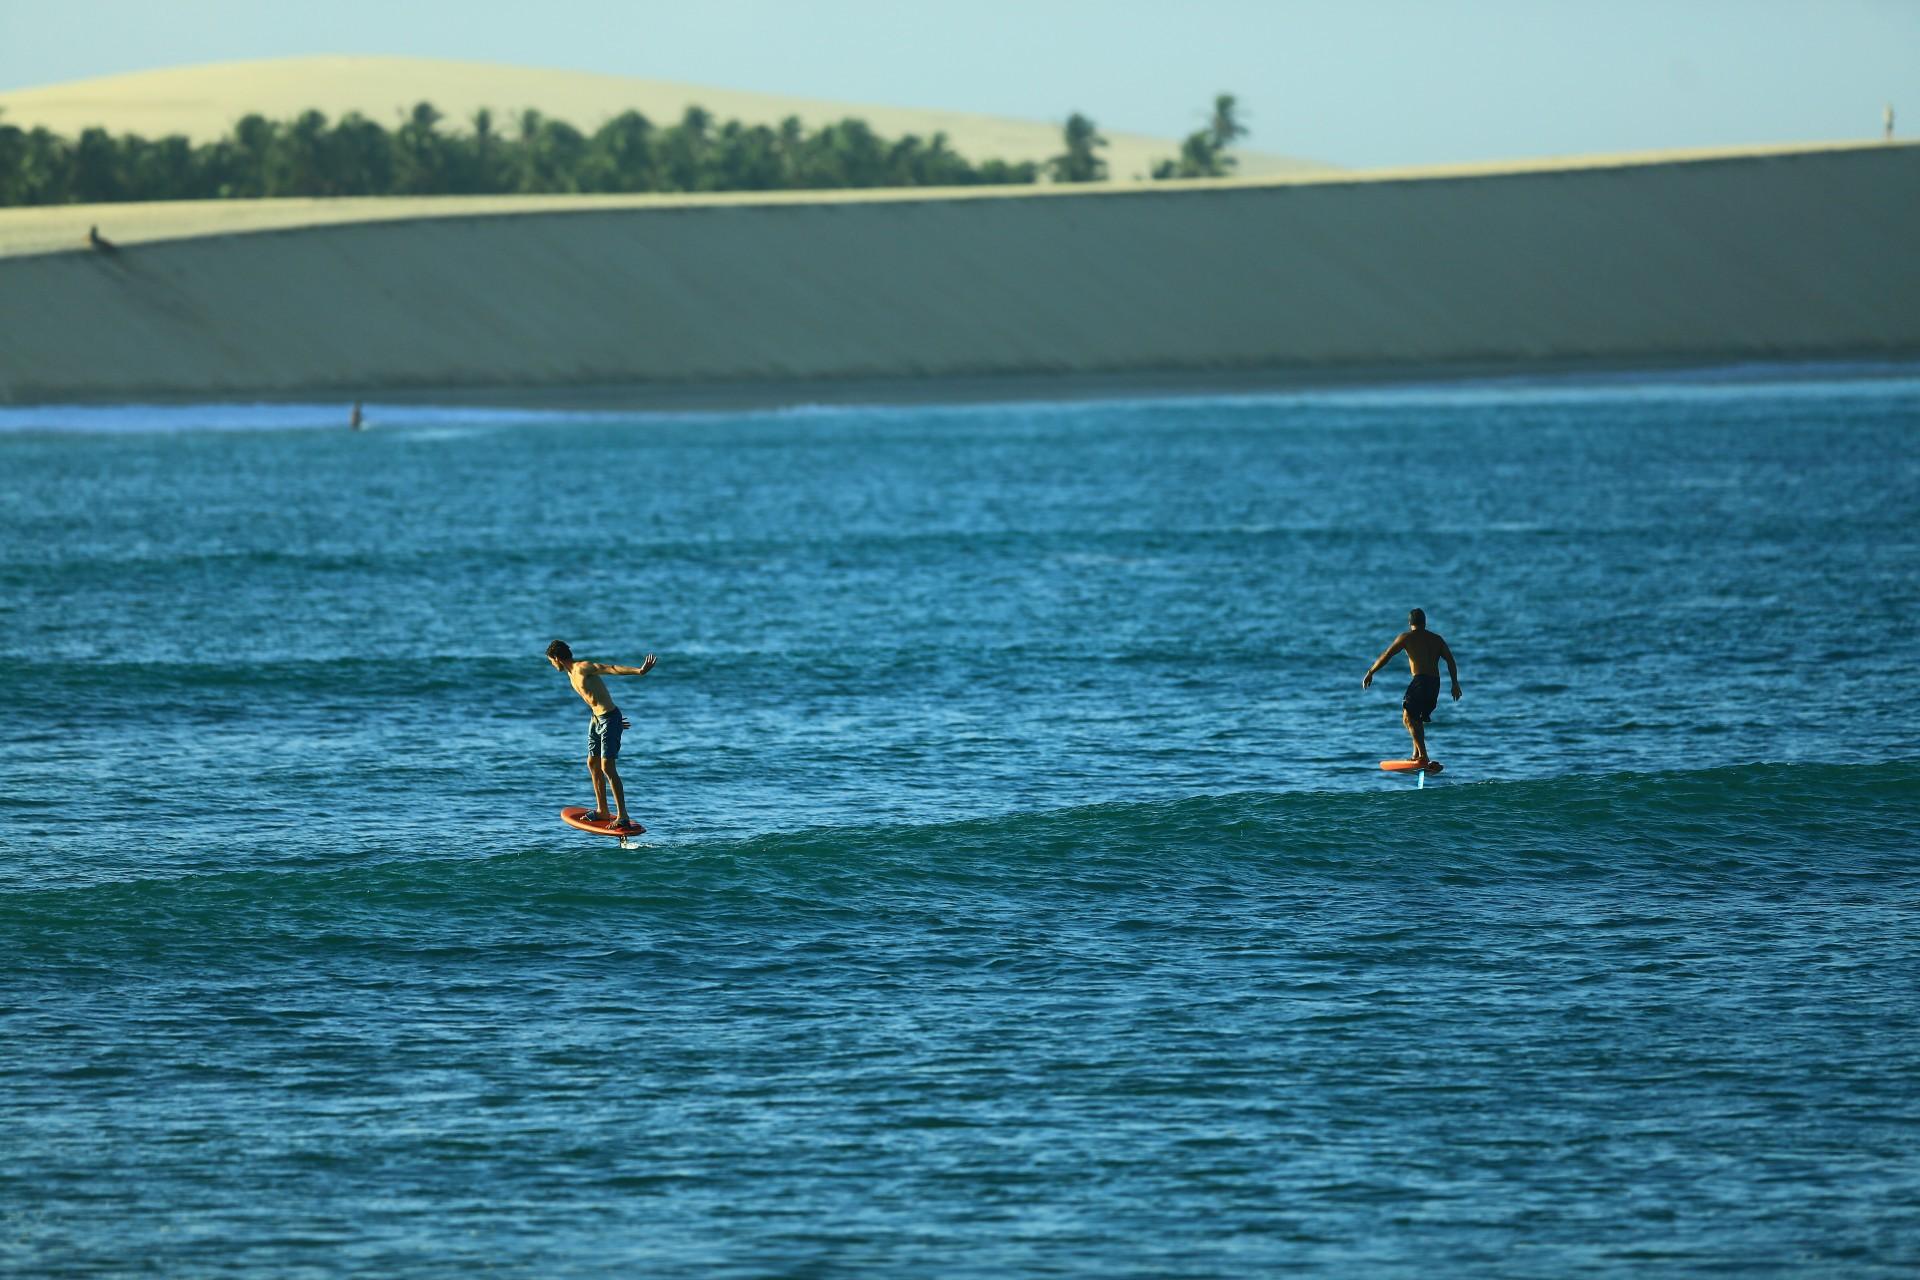 O visual paradisíaco traz um elemento a mais para os esportes de aventura no litoral cearense. Jericoacoara, esportes radicais, surfe